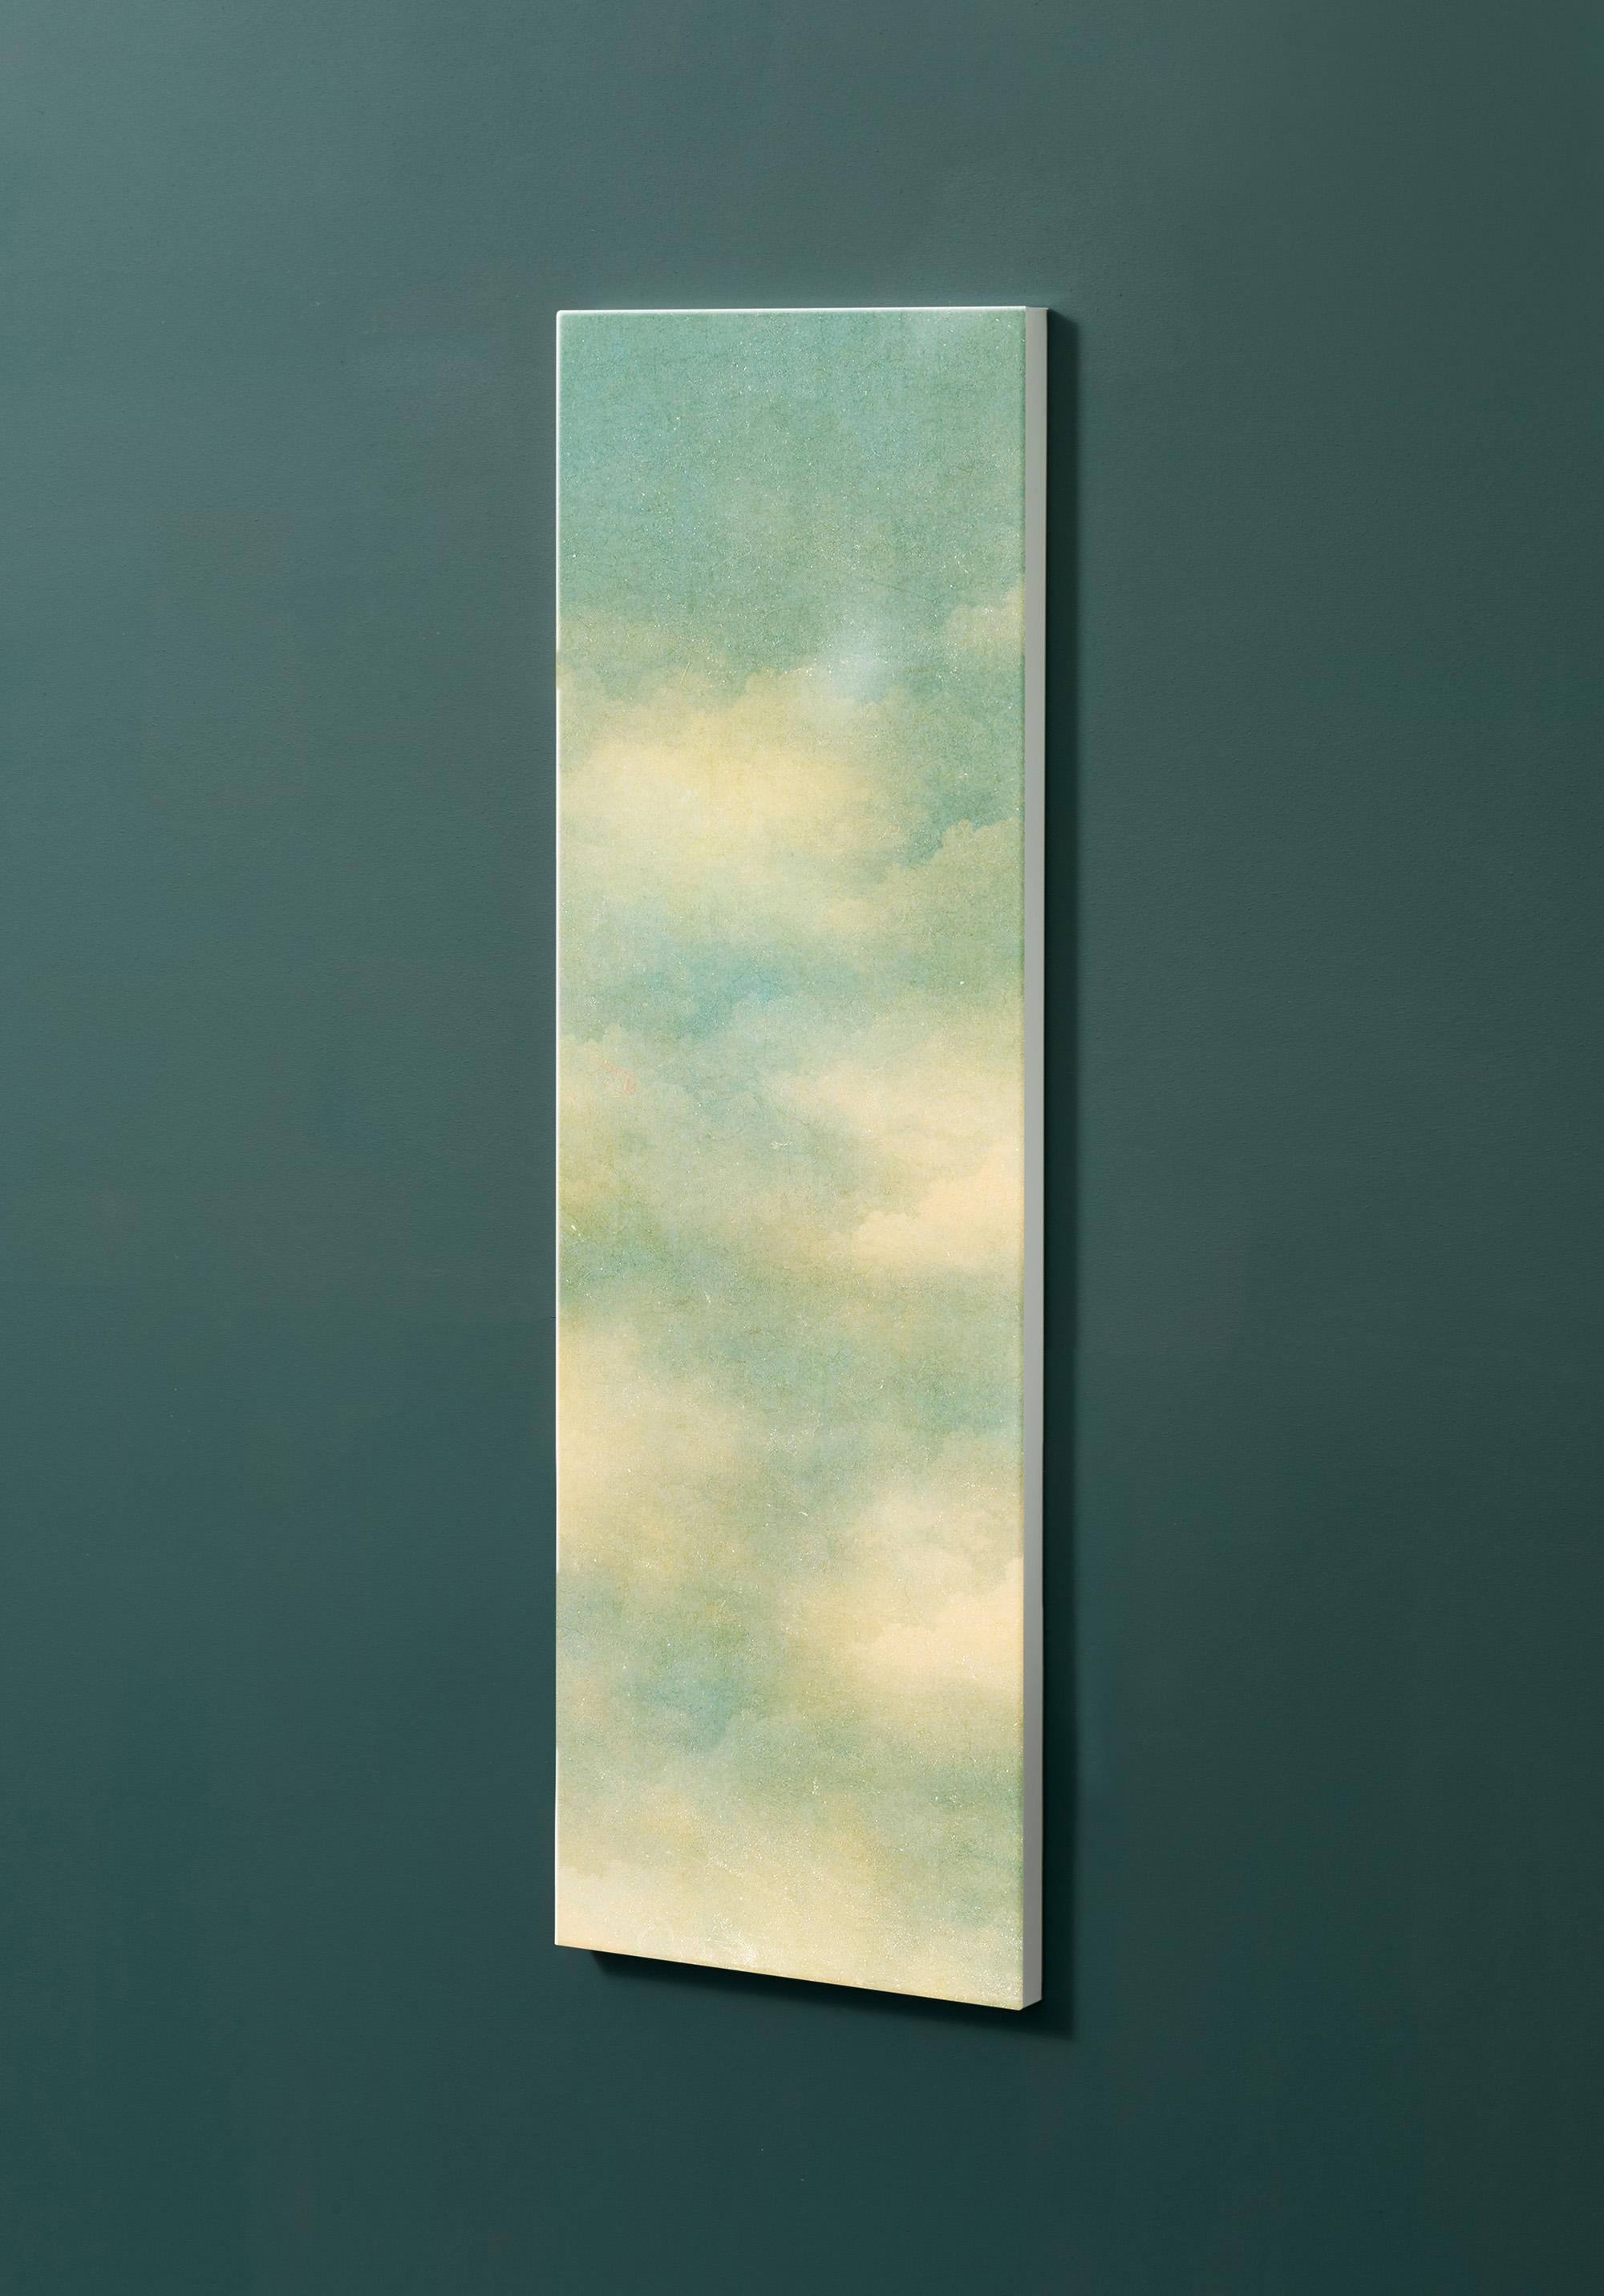 Magnettafel NOTIZ 30x90cm Motiv-Pinnwand M35 Wolken